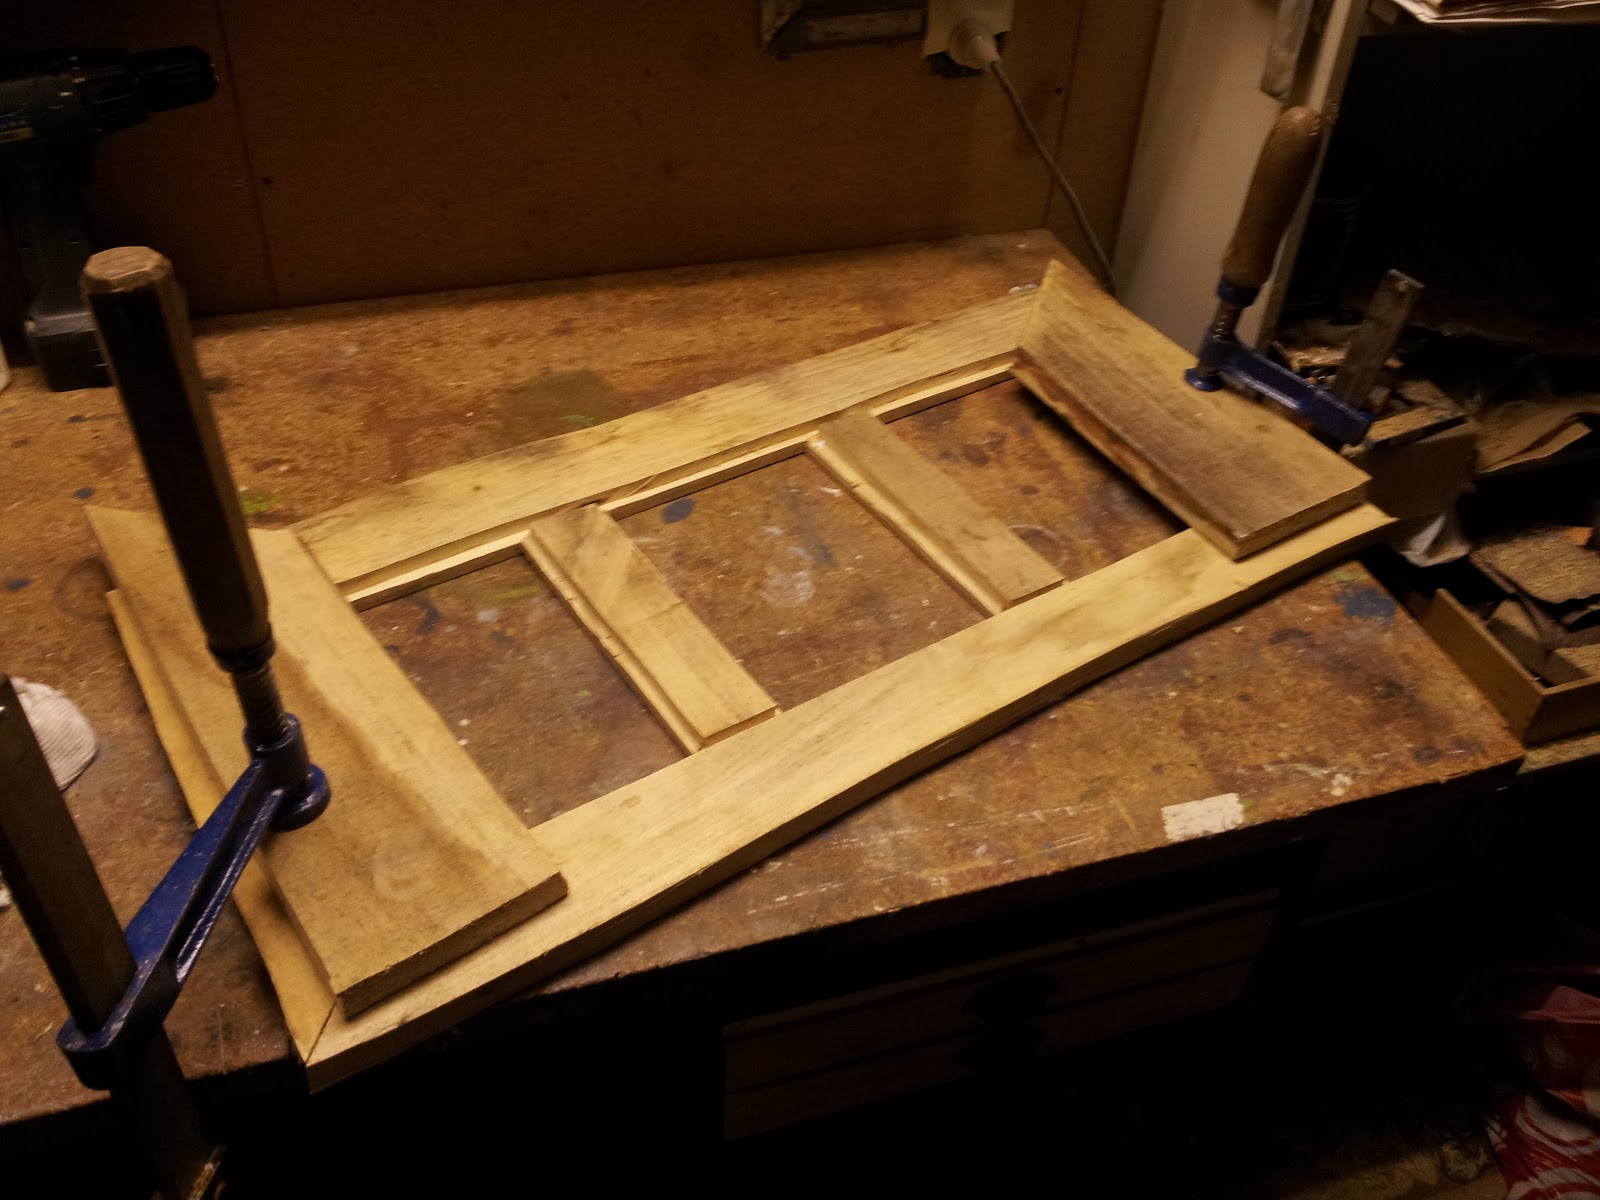 alter Holzrahmen (groß) mit 3 Ausschnitten für 13x18 cm | Igerskys Werke